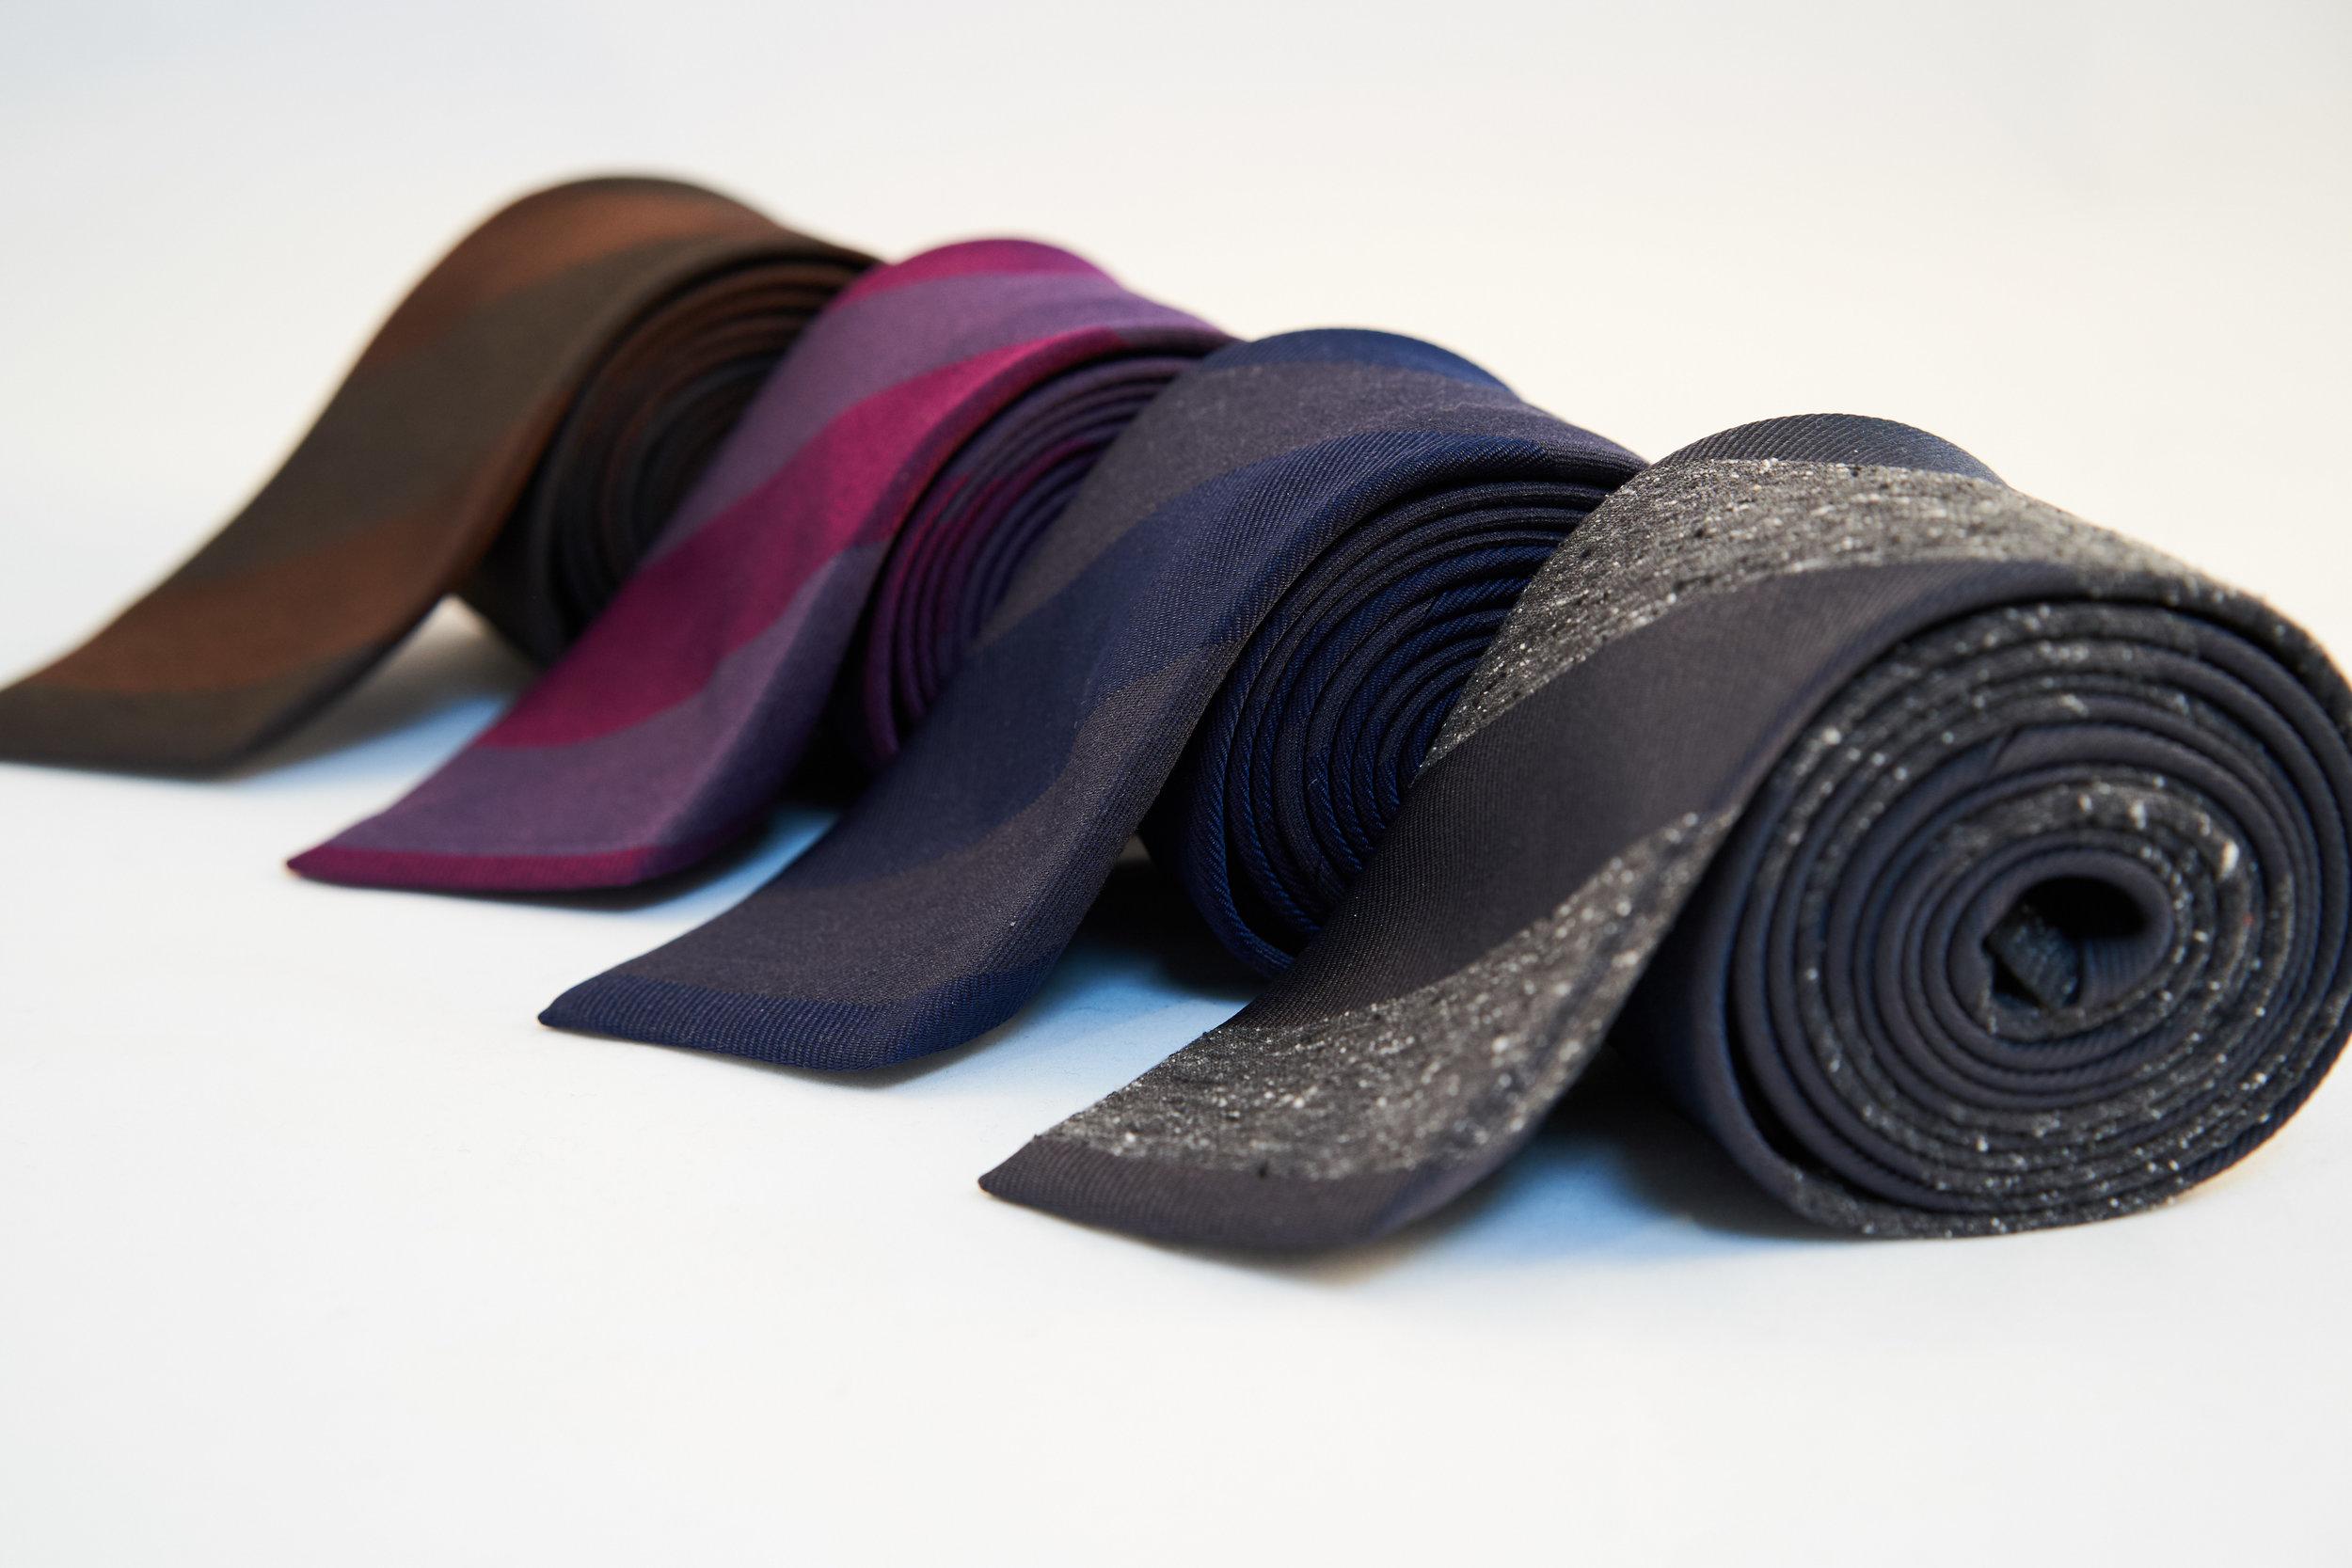 Garrison Essentials Repp Stripe Silk Tie in Brown, Purple, Navy and Charcoal - $55